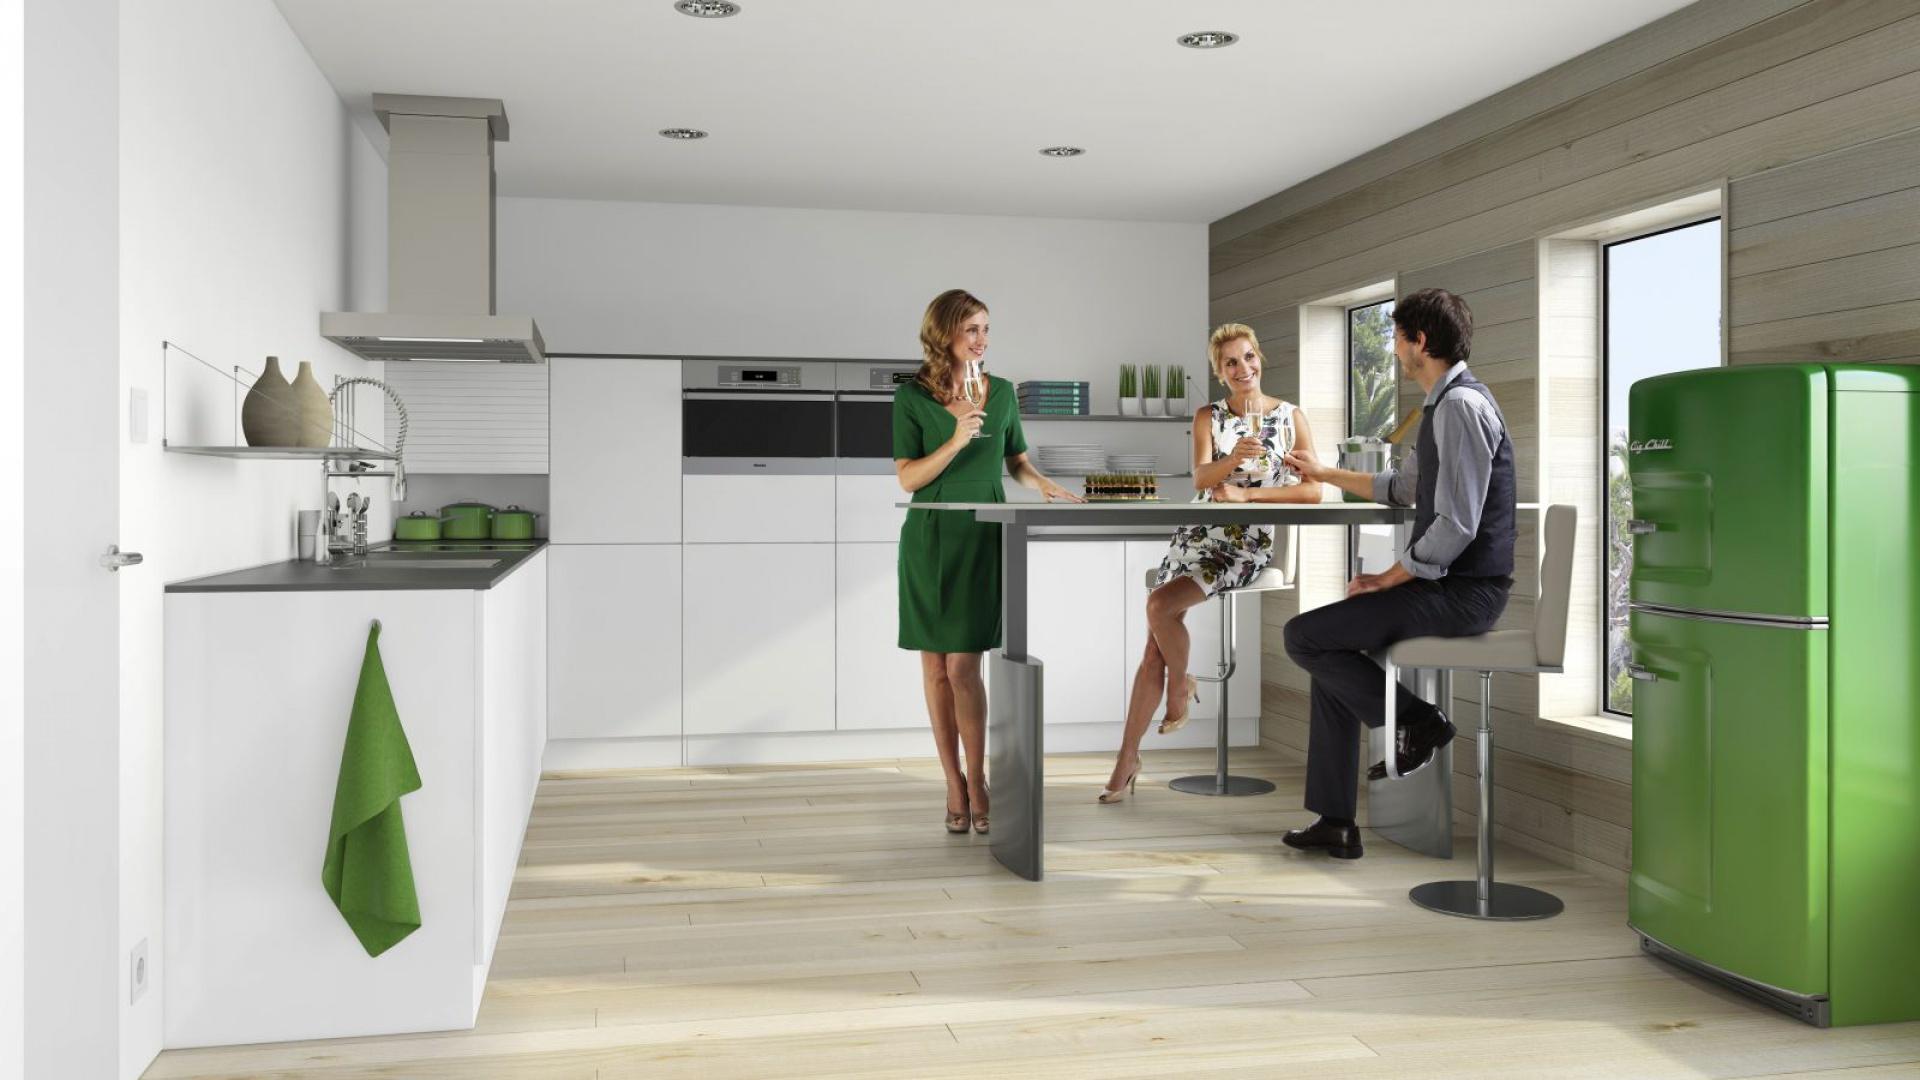 Kuchnia jako przestrzeń Nowoczesna kuchnia zaplanuj funkcjonalną przest   -> Funkcjonalna Kuchnia Nowoczesna